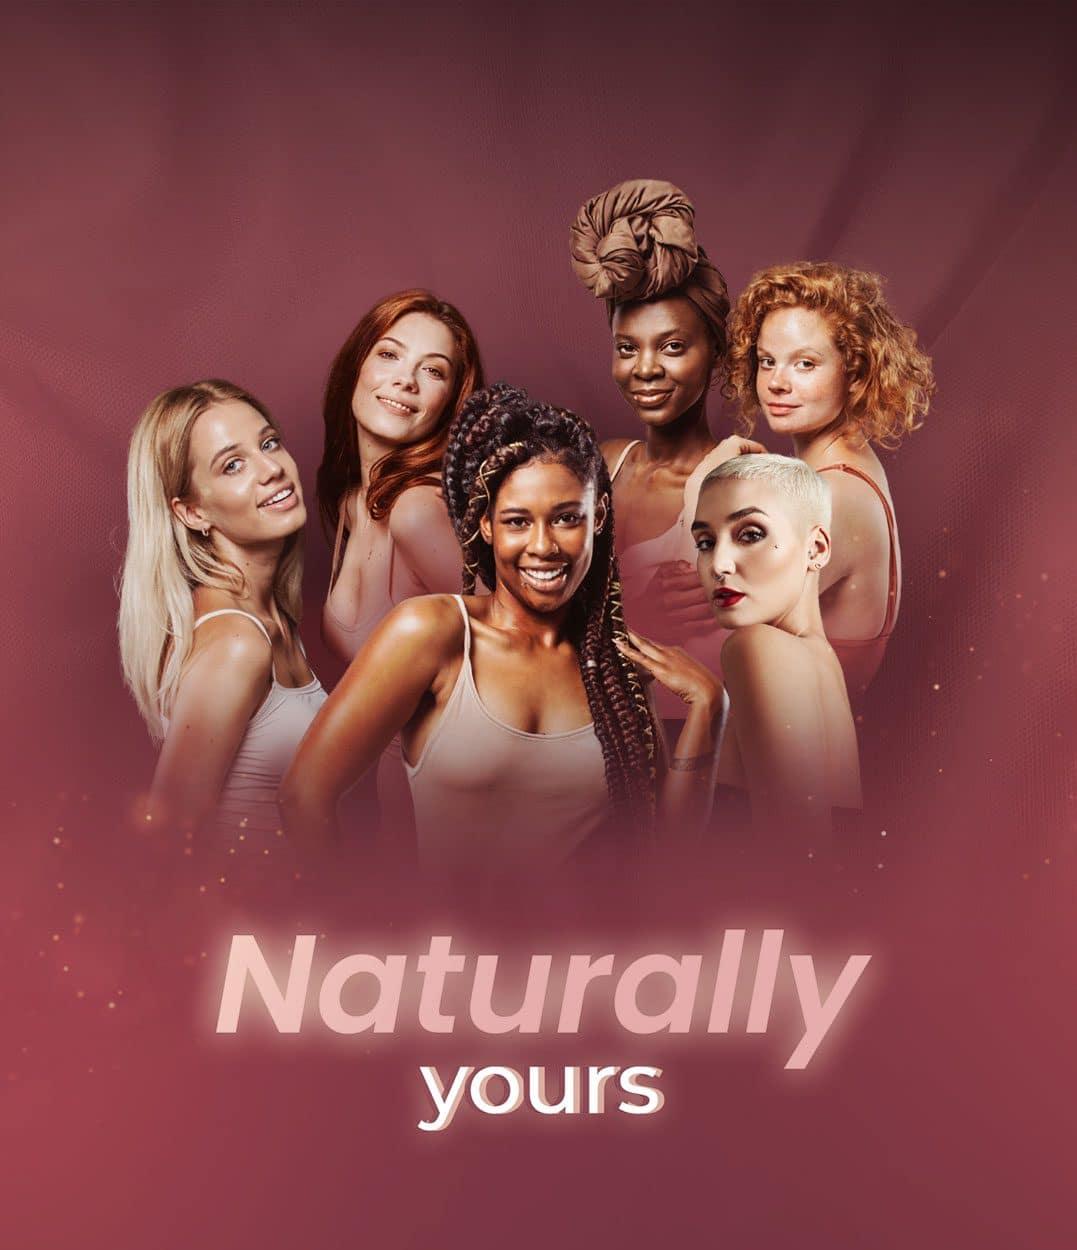 Naturally Yours est un scénario du jeu My Crush